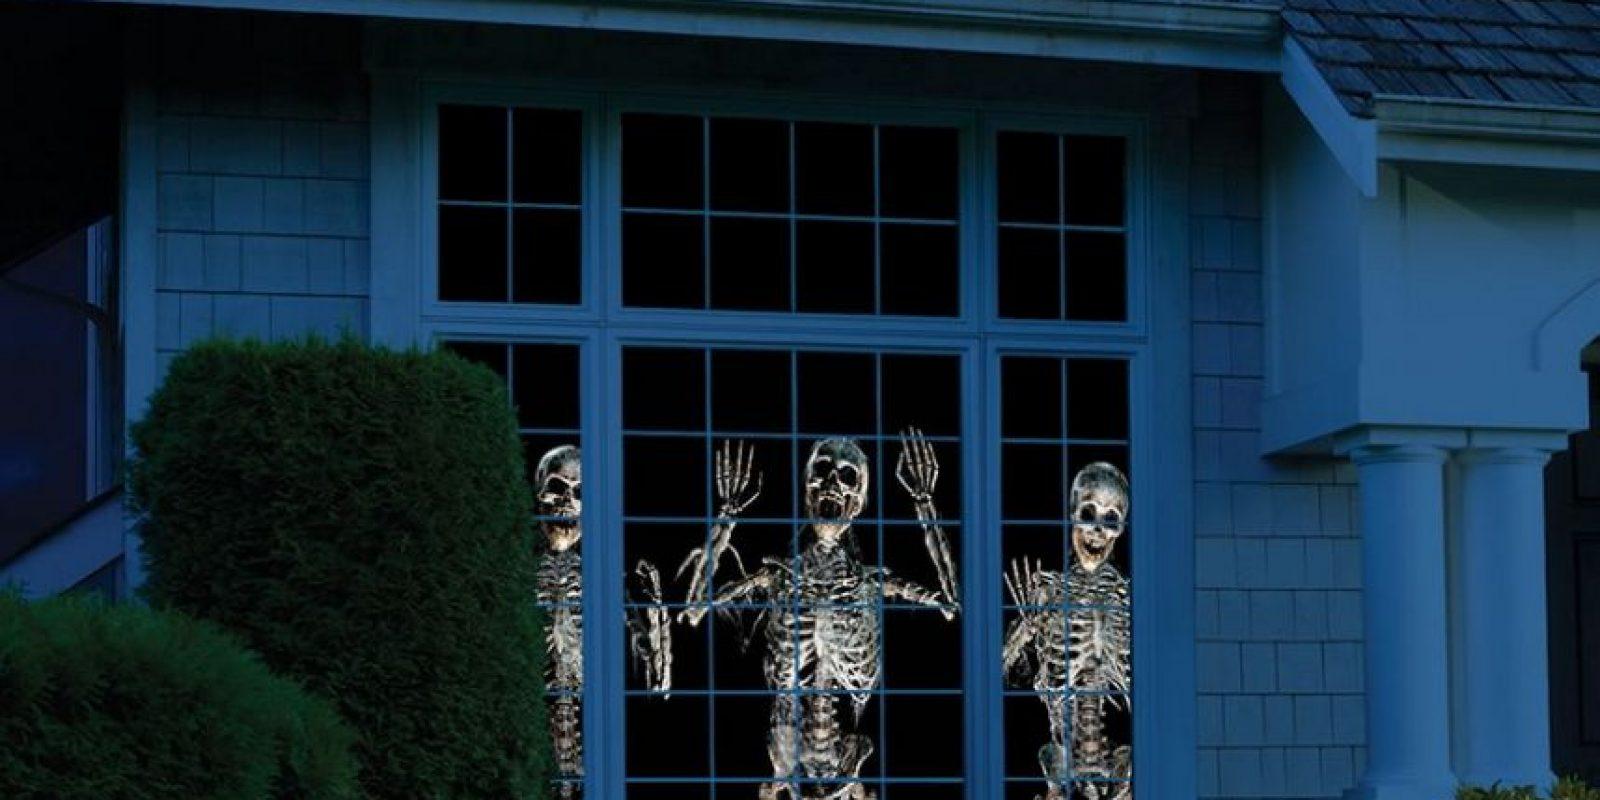 Muestra escenas animadas paranormales tridimensionales de Halloween a través de una ventana o en una pared. Foto:hammacher.com